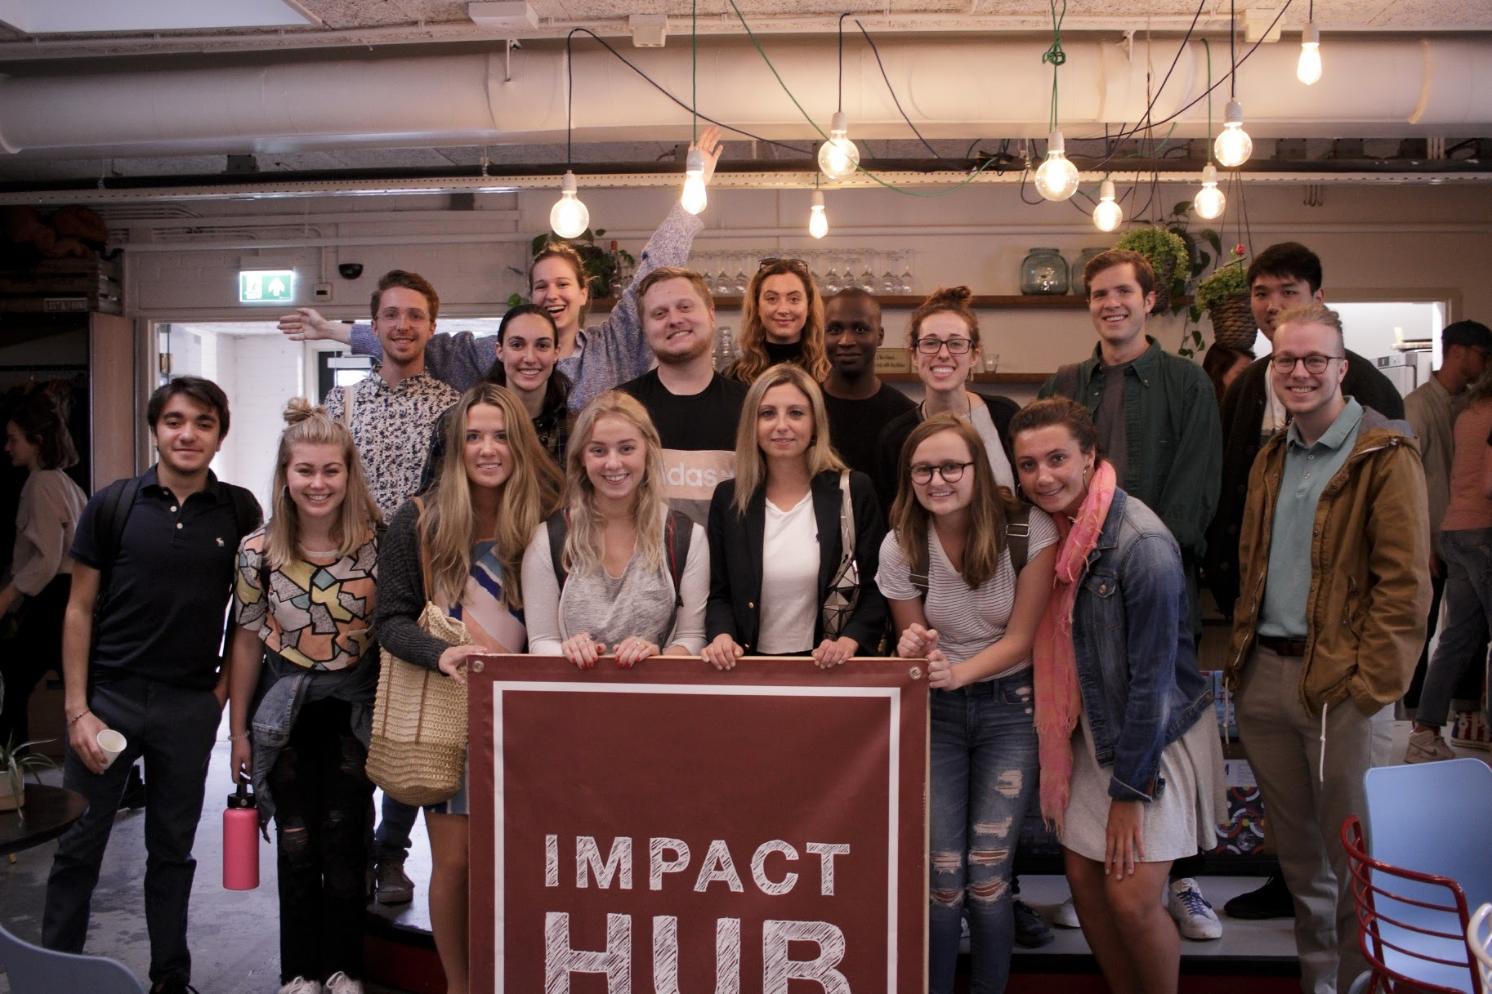 Summer 2018 Amsterdam cohort at Impact Hub